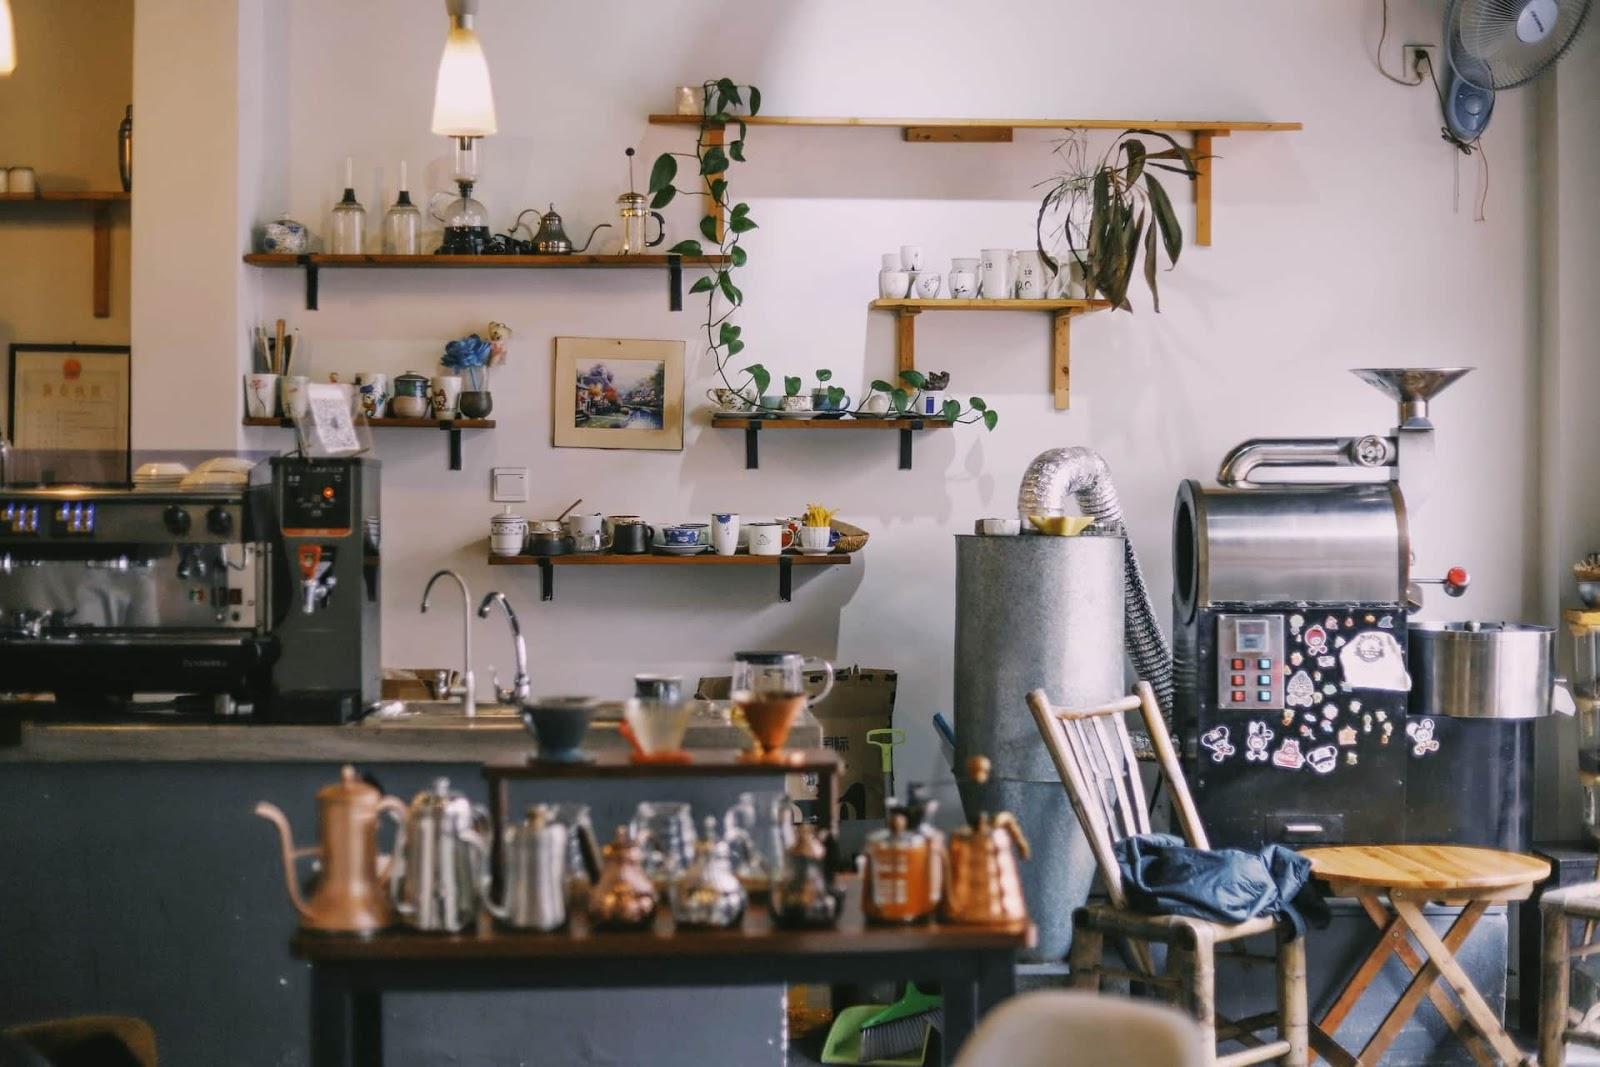 Проведение инвентаризации в кафе